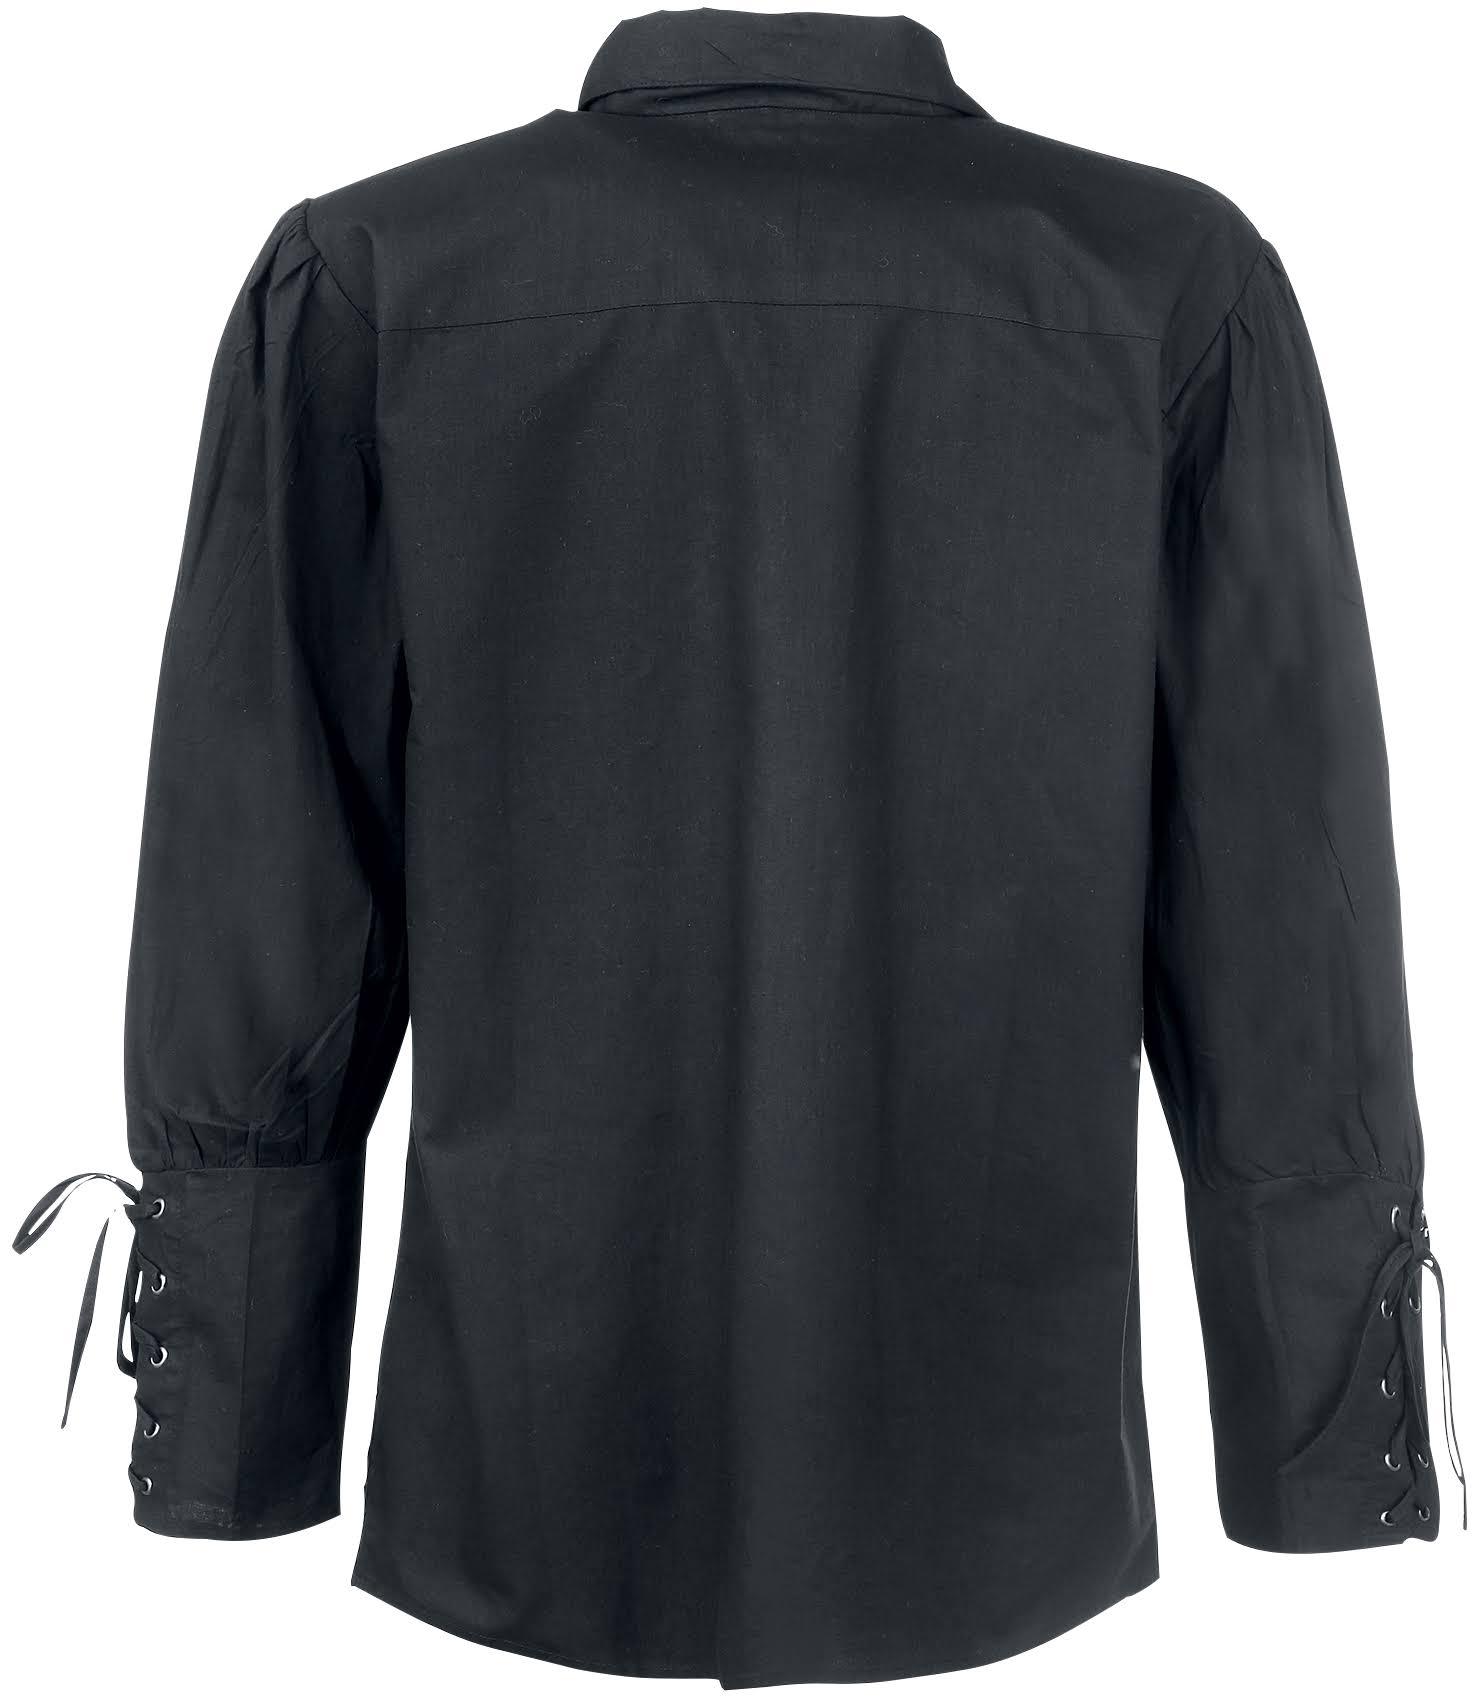 Herren Shirt Für Schwarz Gothic Mittelalterliches Geschnürt nPq1wvBxU